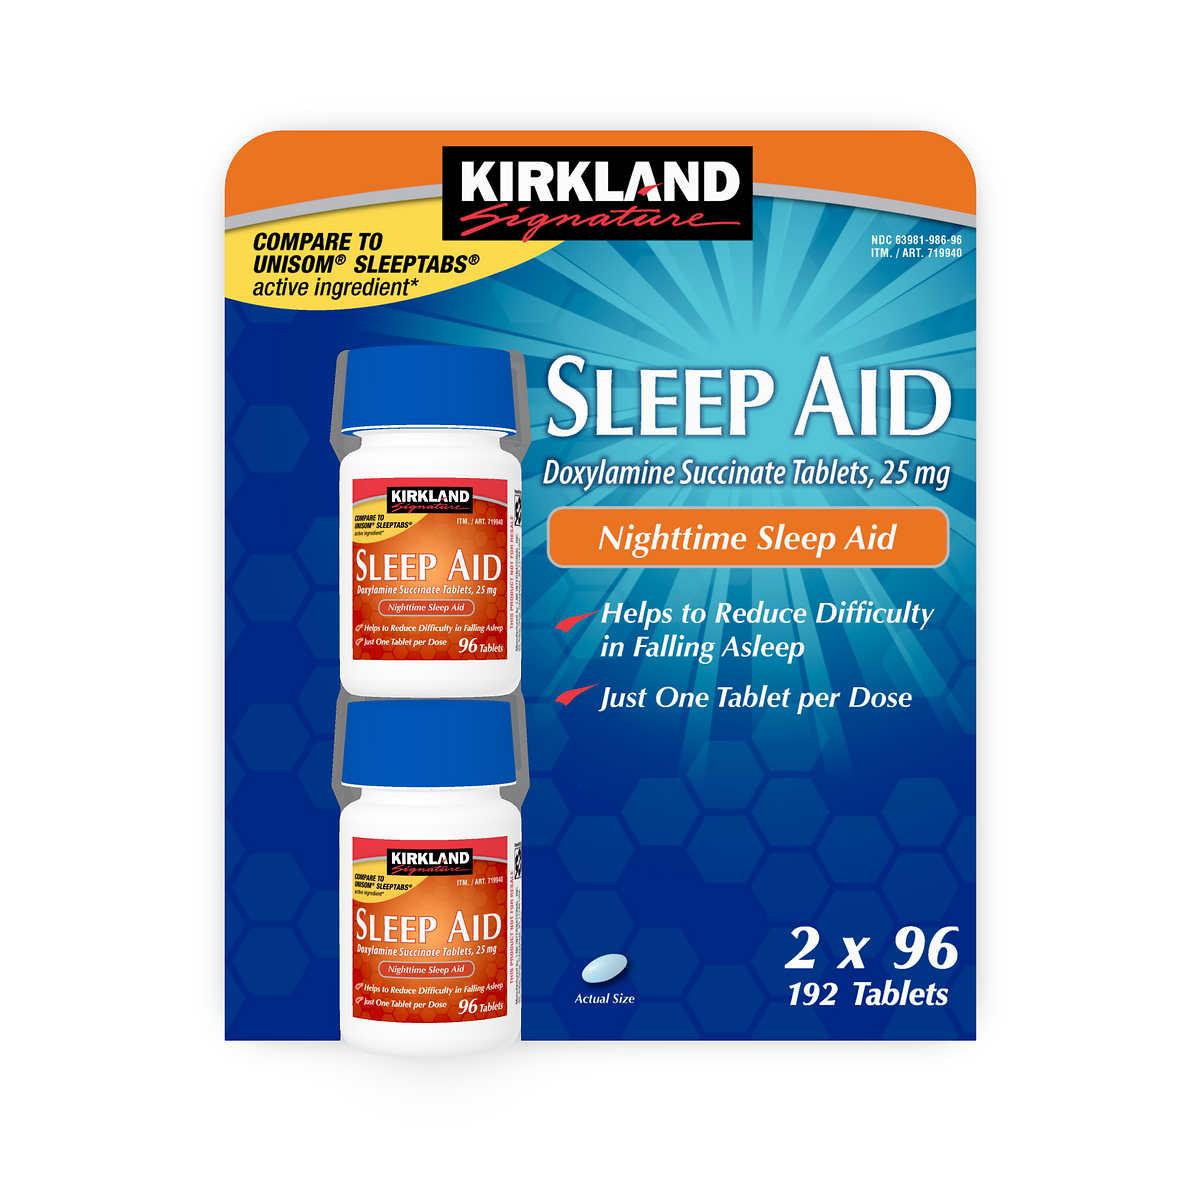 Kirkland Signature Sleep Aid 192 Tablets